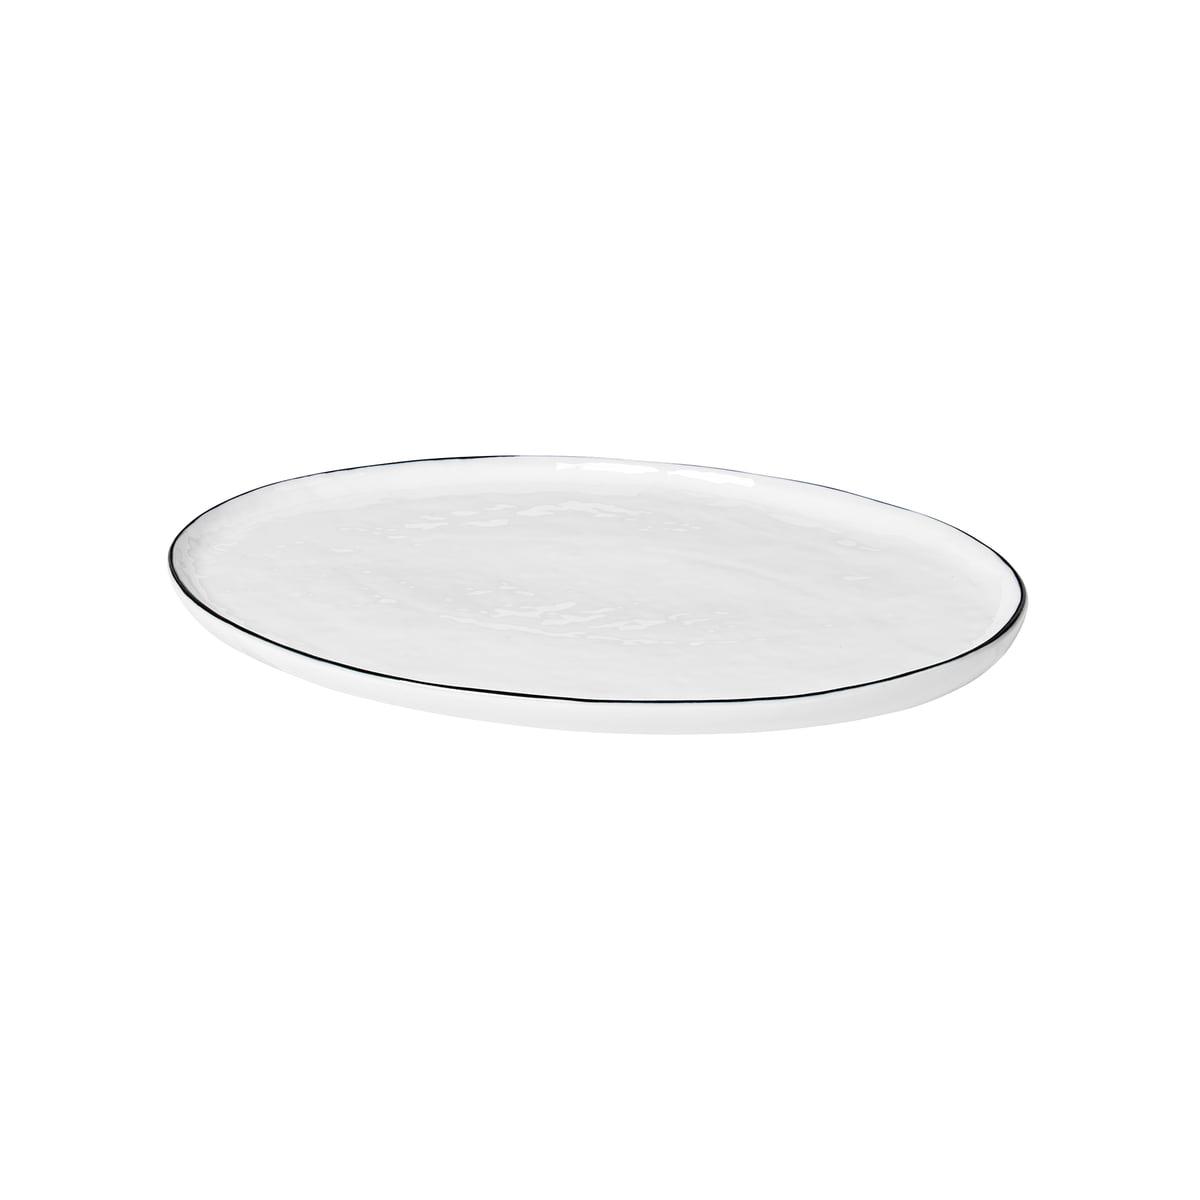 Broste Copenhagen   Salt Servierplatte oval, 20 x 20 cm, weiß / schwarz